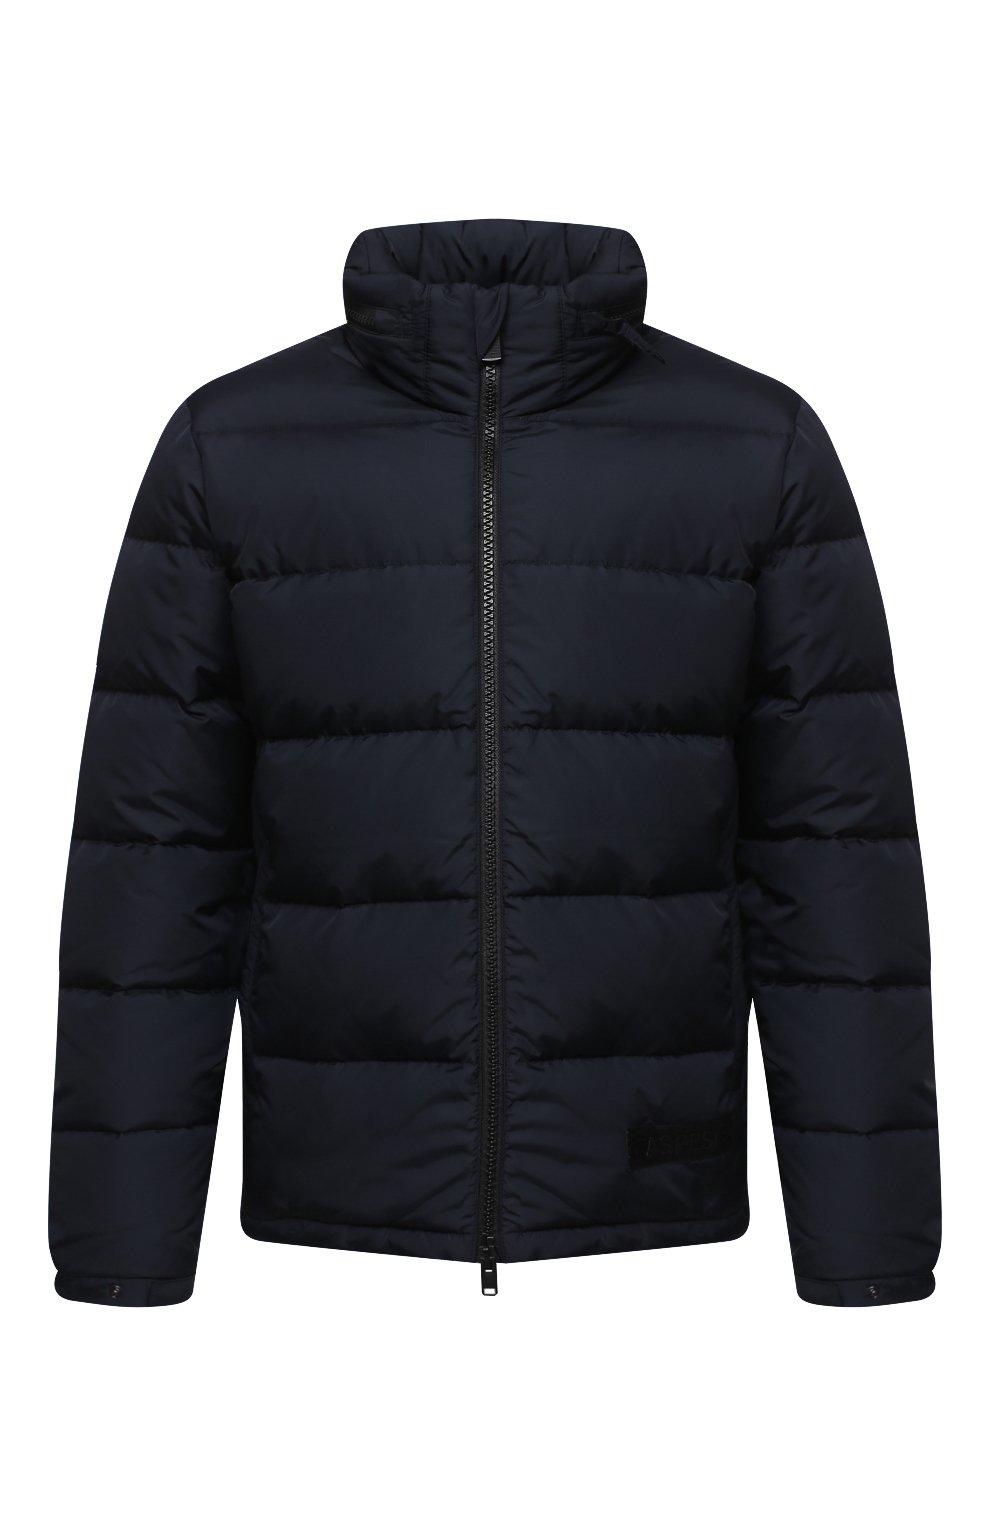 Мужская пуховая куртка ASPESI темно-синего цвета, арт. W0 I I018 7954 | Фото 1 (Кросс-КТ: Куртка, Пуховик; Мужское Кросс-КТ: пуховик-короткий, Пуховик-верхняя одежда, Верхняя одежда; Рукава: Длинные; Материал внешний: Синтетический материал; Материал подклада: Синтетический материал; Длина (верхняя одежда): Короткие; Стили: Кэжуэл)